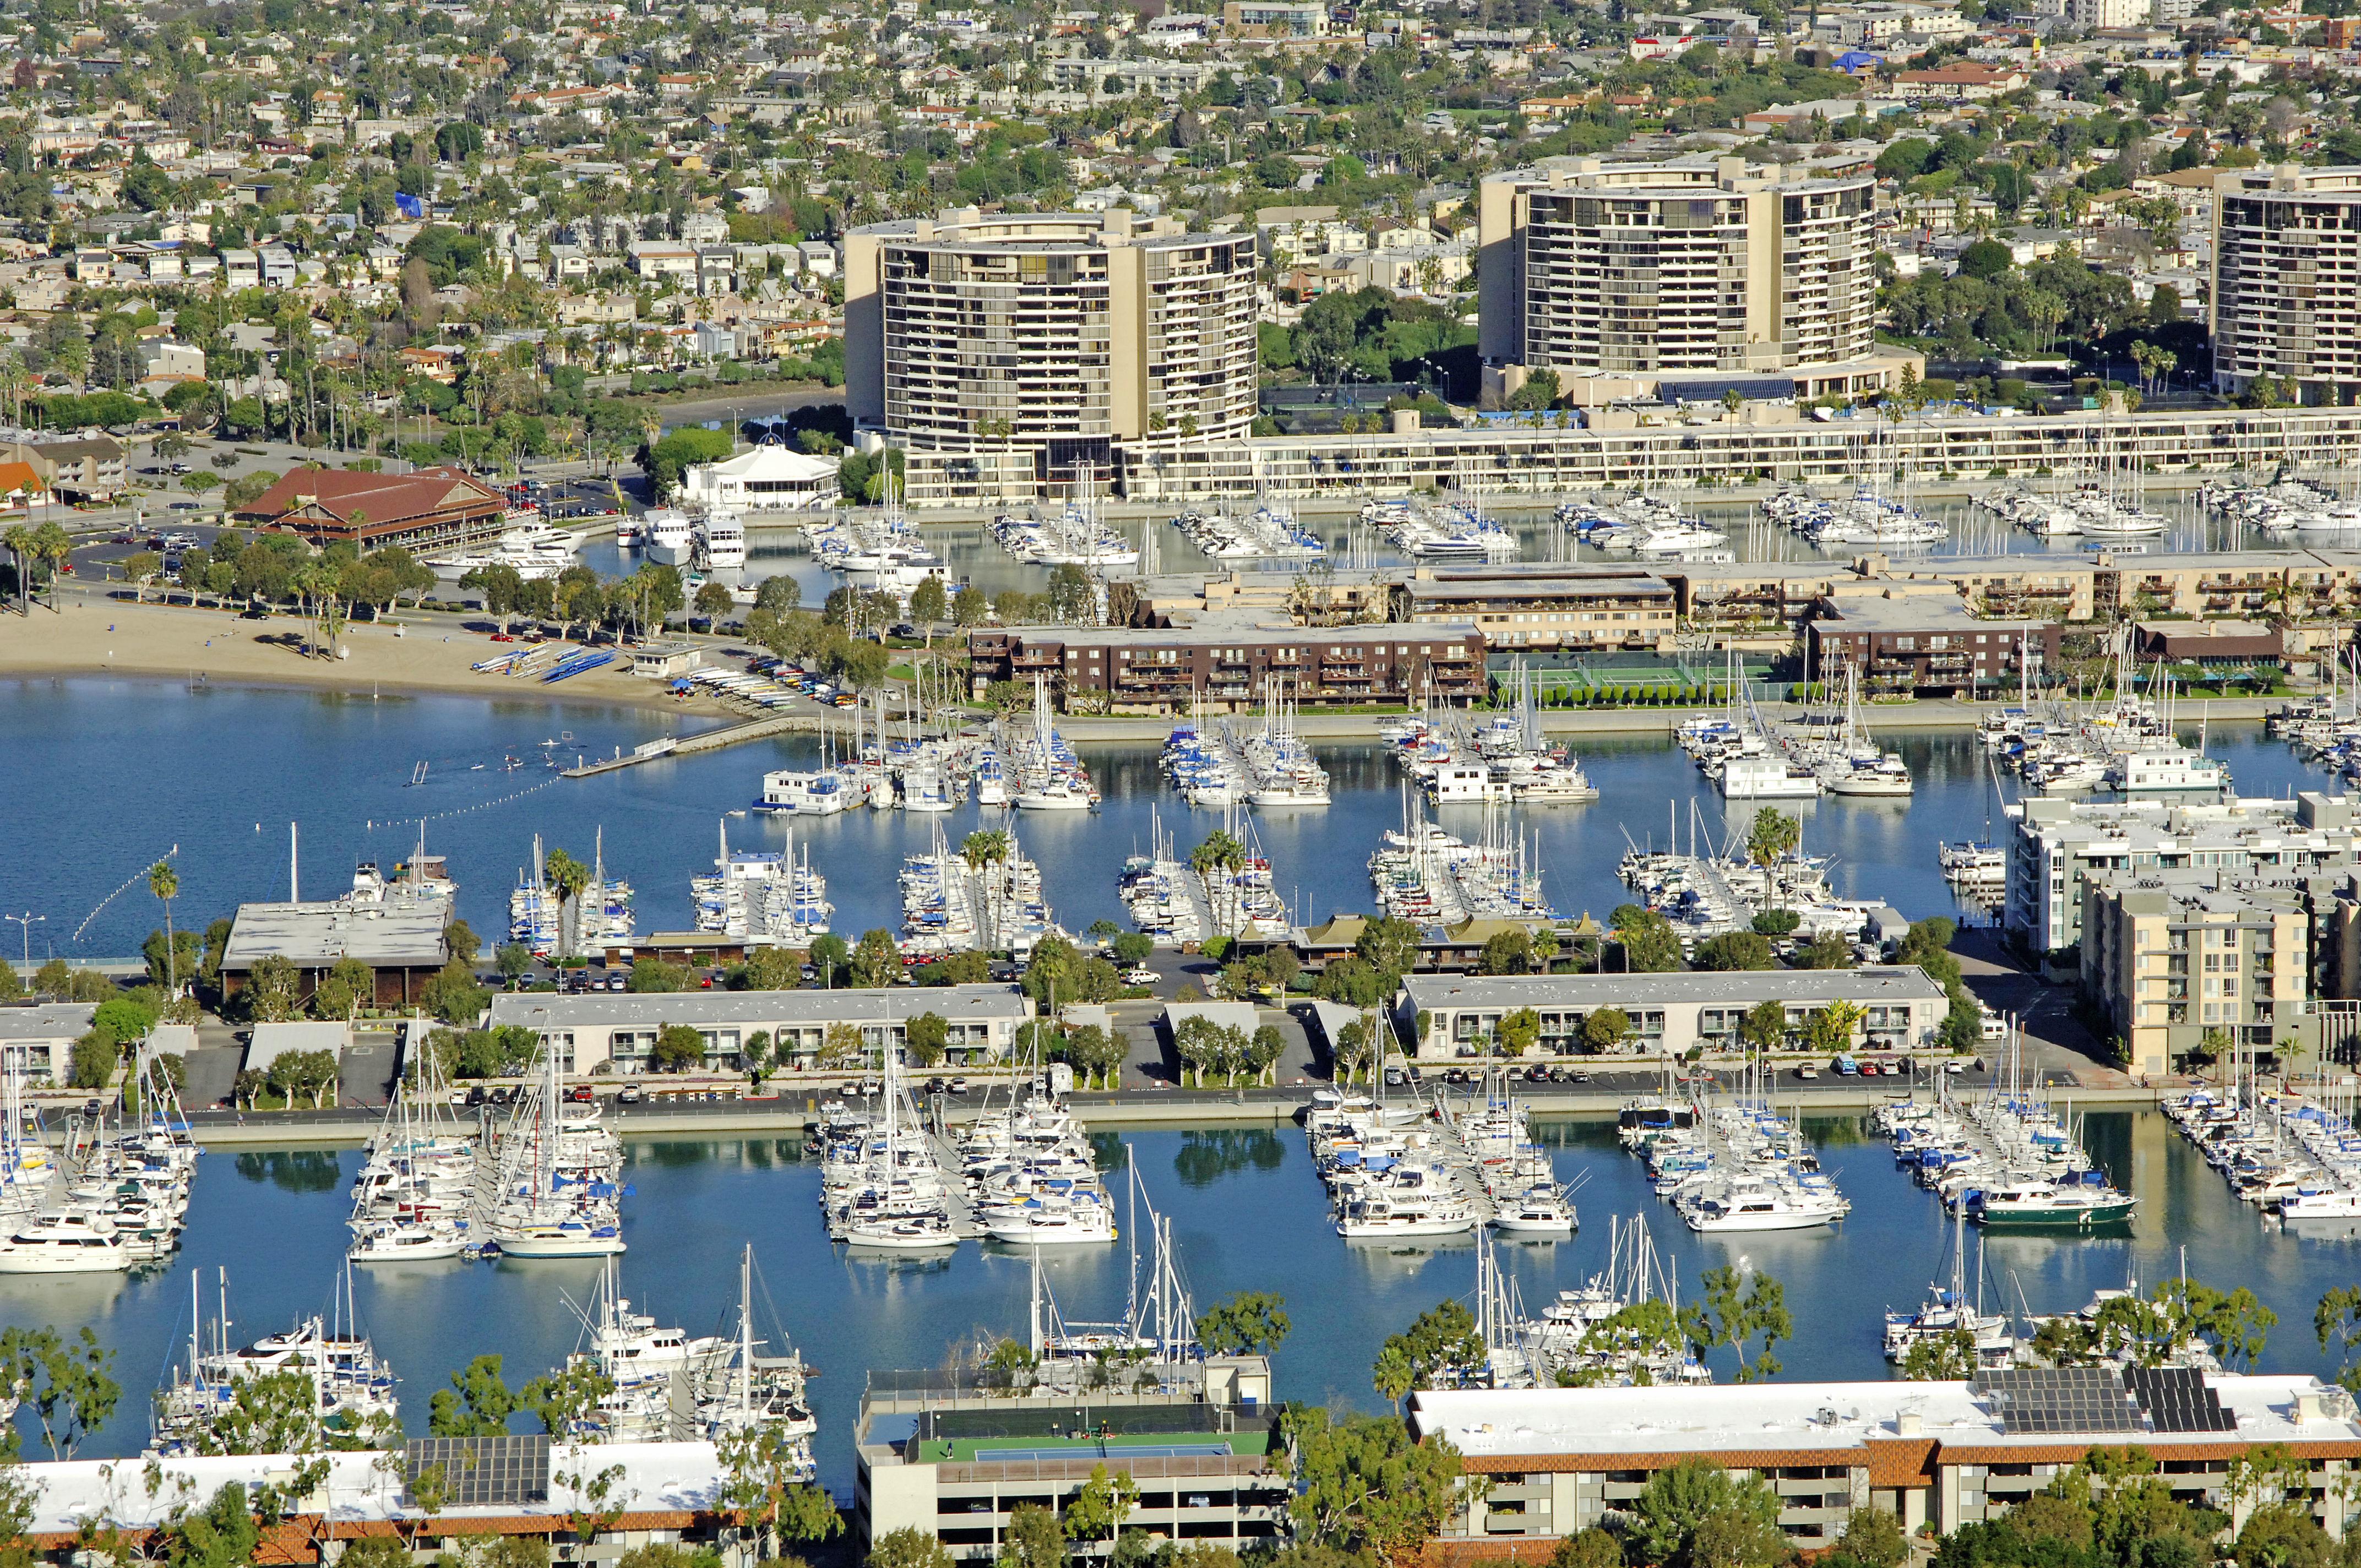 Holiday Harbor Marina In Marina Del Rey Ca United States